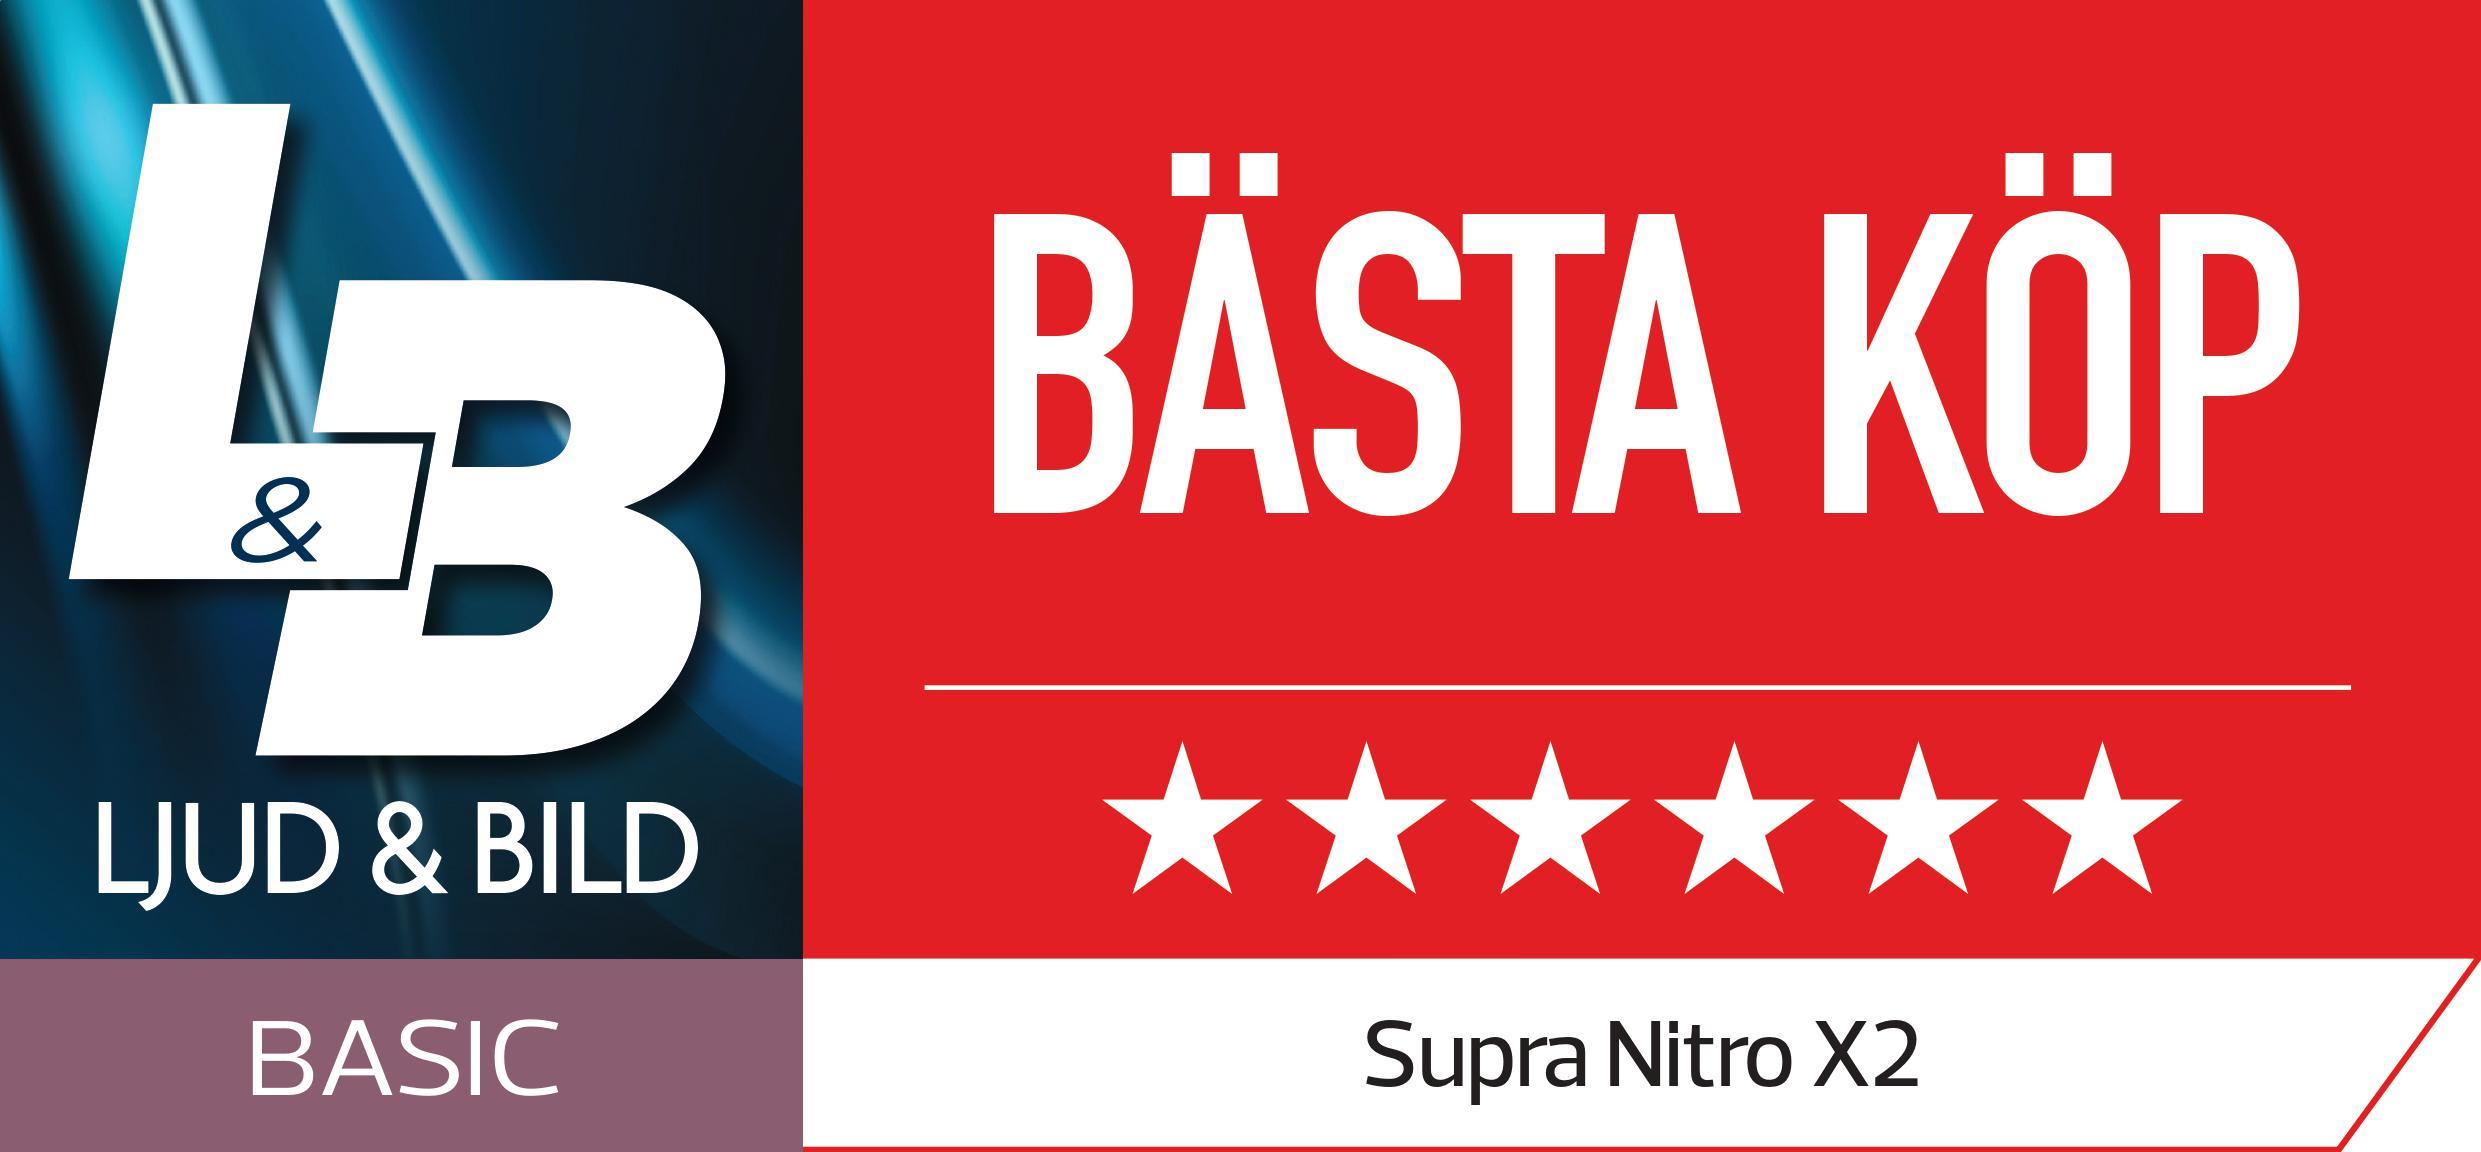 SUPRA NiTRO-X2 | Bästa köp av Ljud & Bild